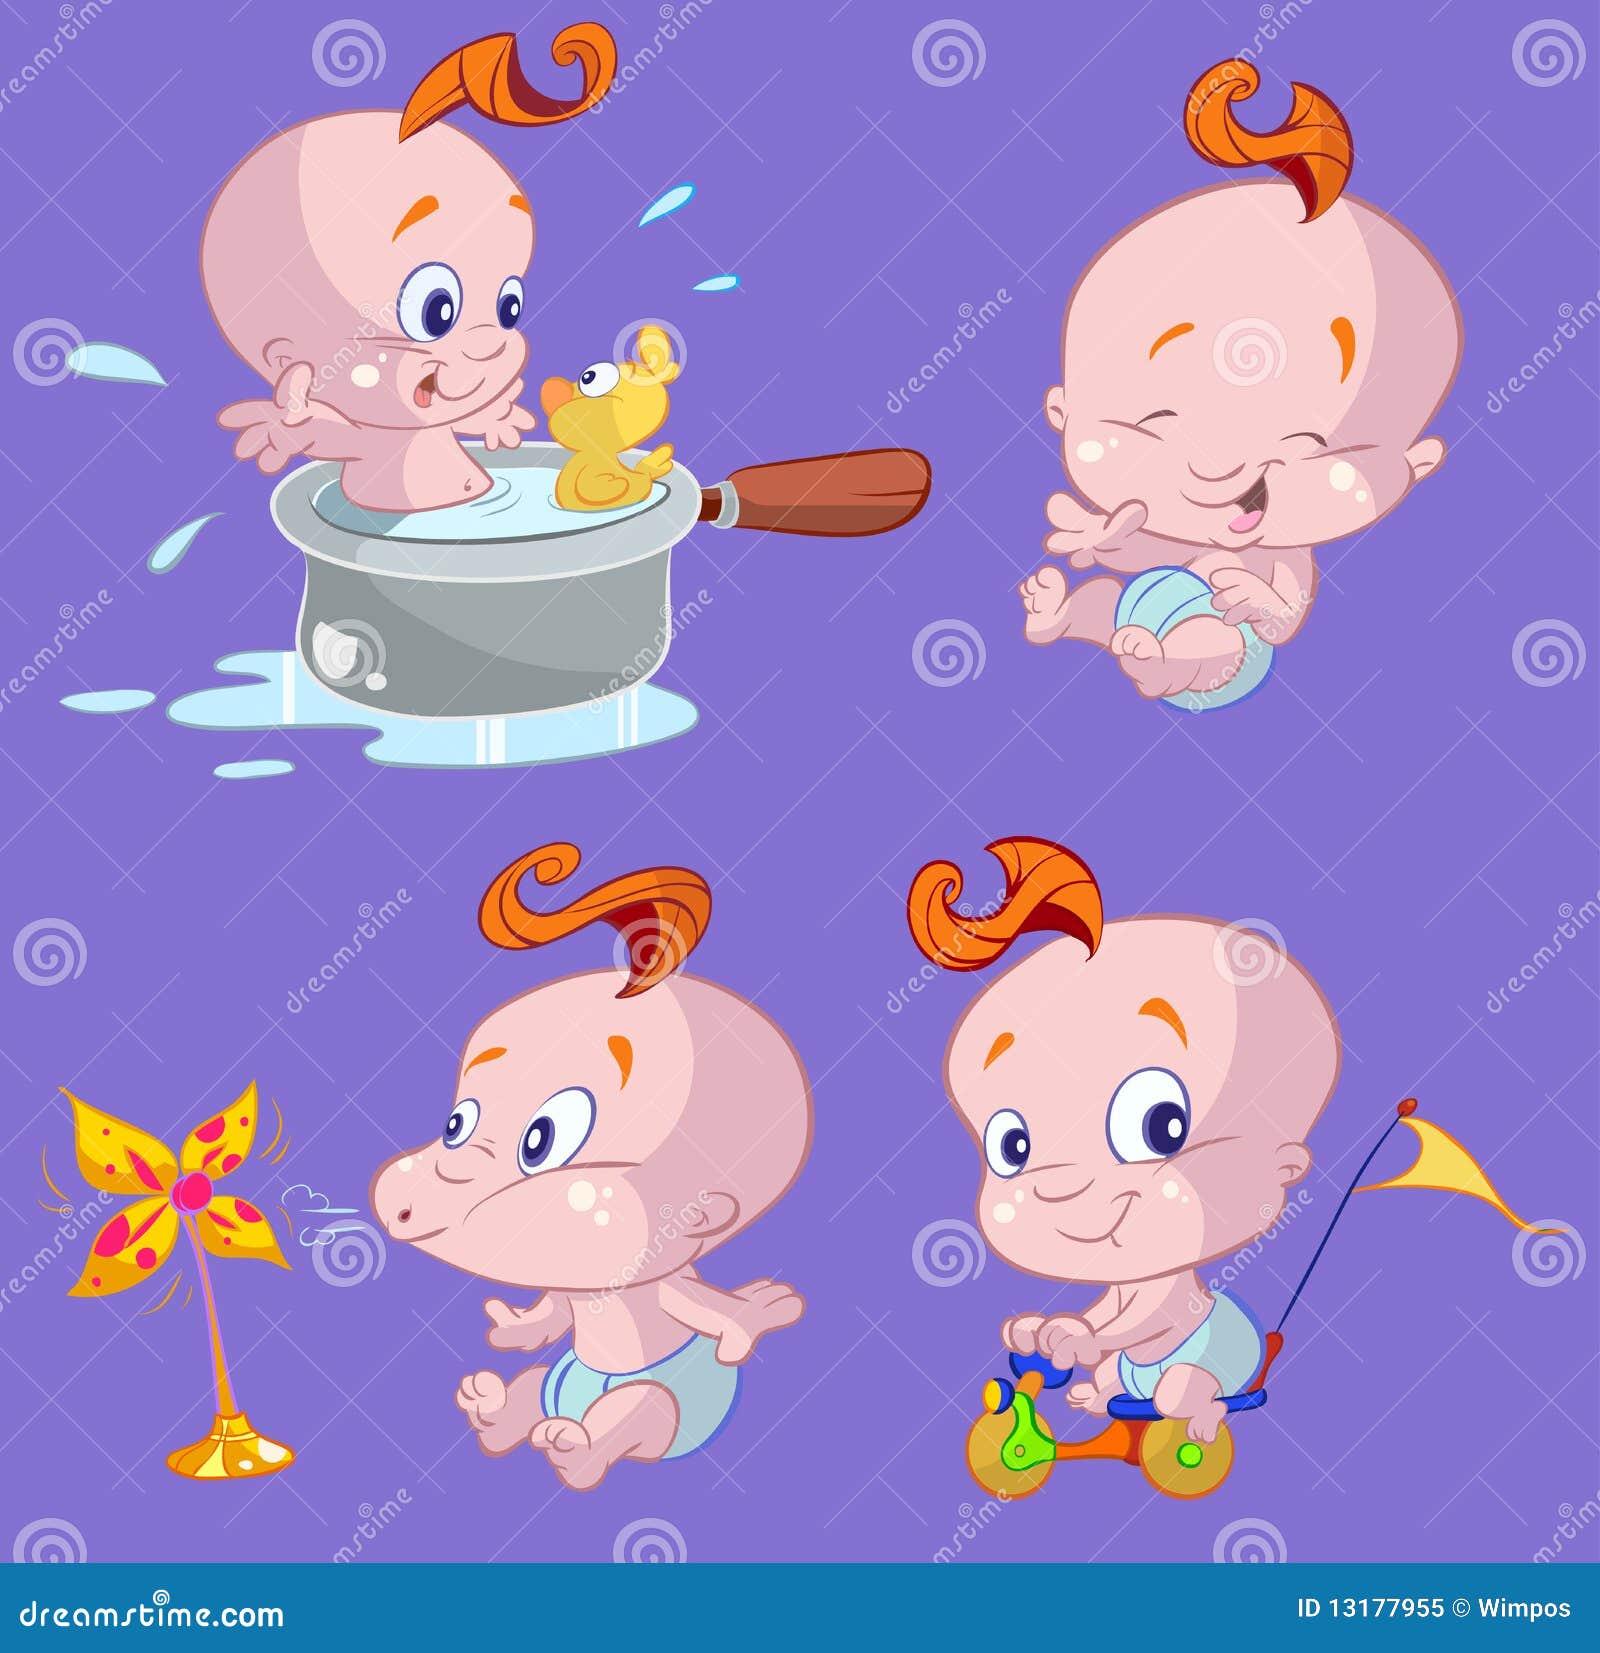 μωρά χαριτωμένα